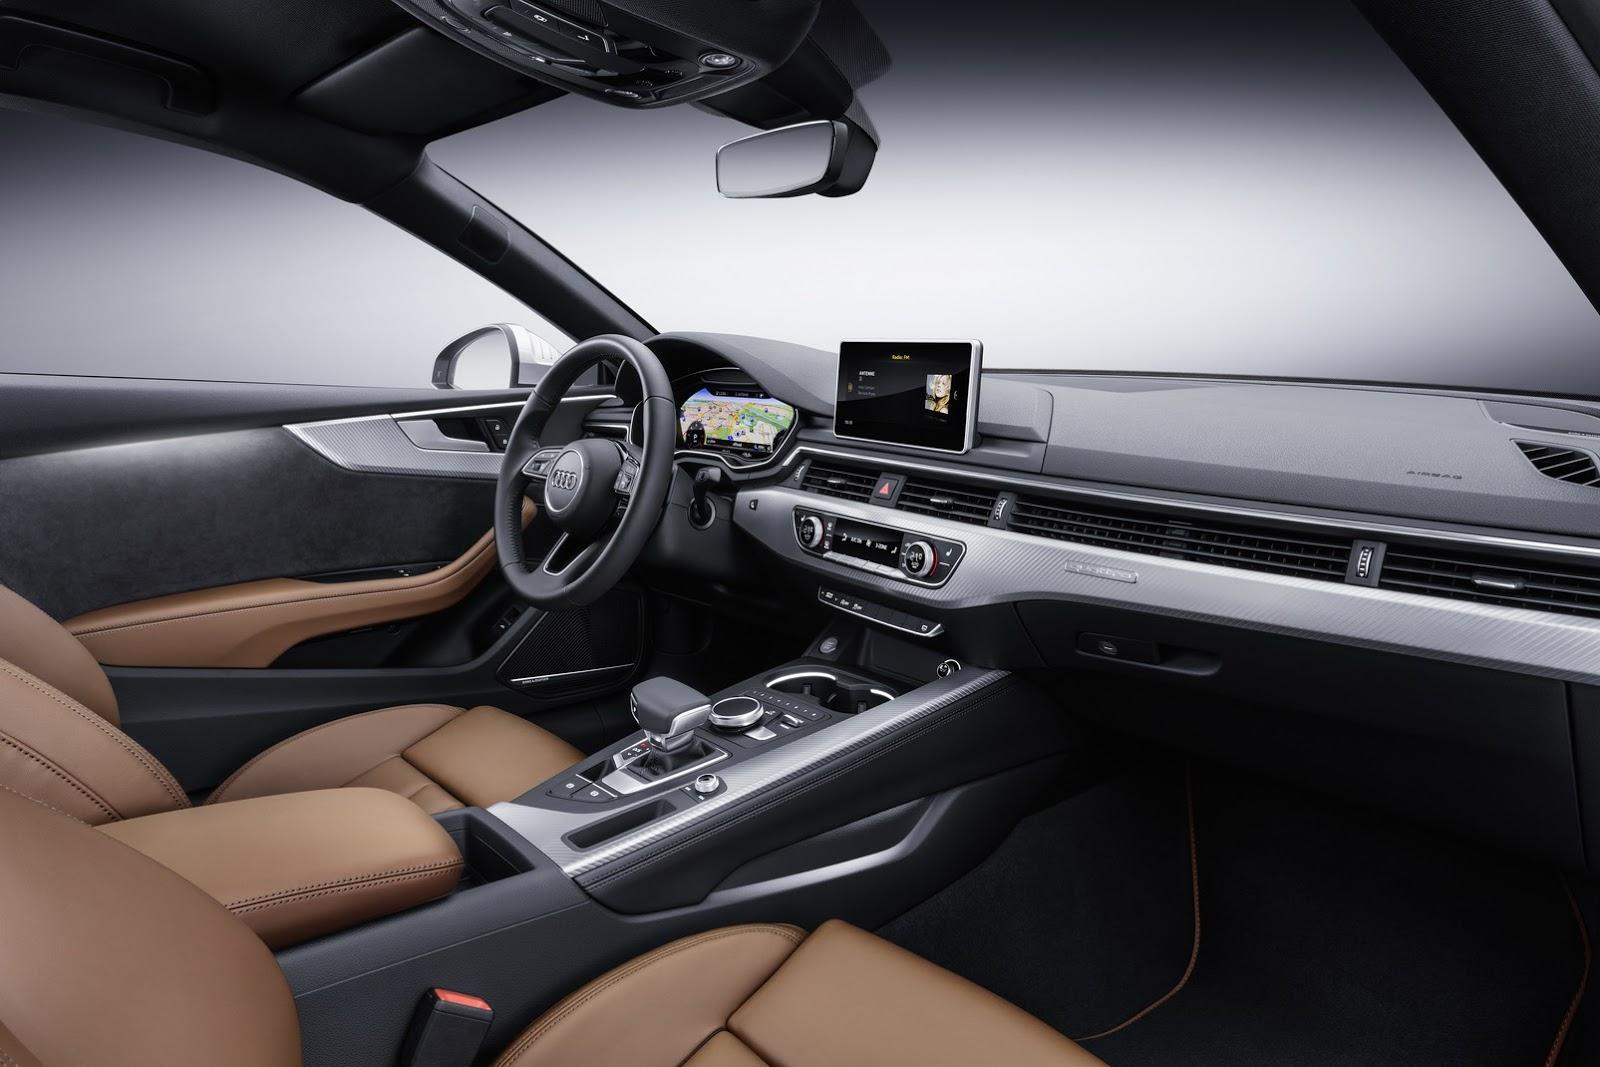 Bên trong Audi A5 thế hệ mới là không gian nội thất rộng rãi hơn nhờ chiều dài cơ sở tăng lên. Thiết kế bảng táp-lô giống với Audi A4 mới, đi kèm hệ thống đèn viền và màn hình buồng lái ảo tùy chọn. Hệ thống thông tin giải trí sử dụng màn hình 8,3 inch, chỉnh qua núm xoay/bấm đi kèm touchpad.